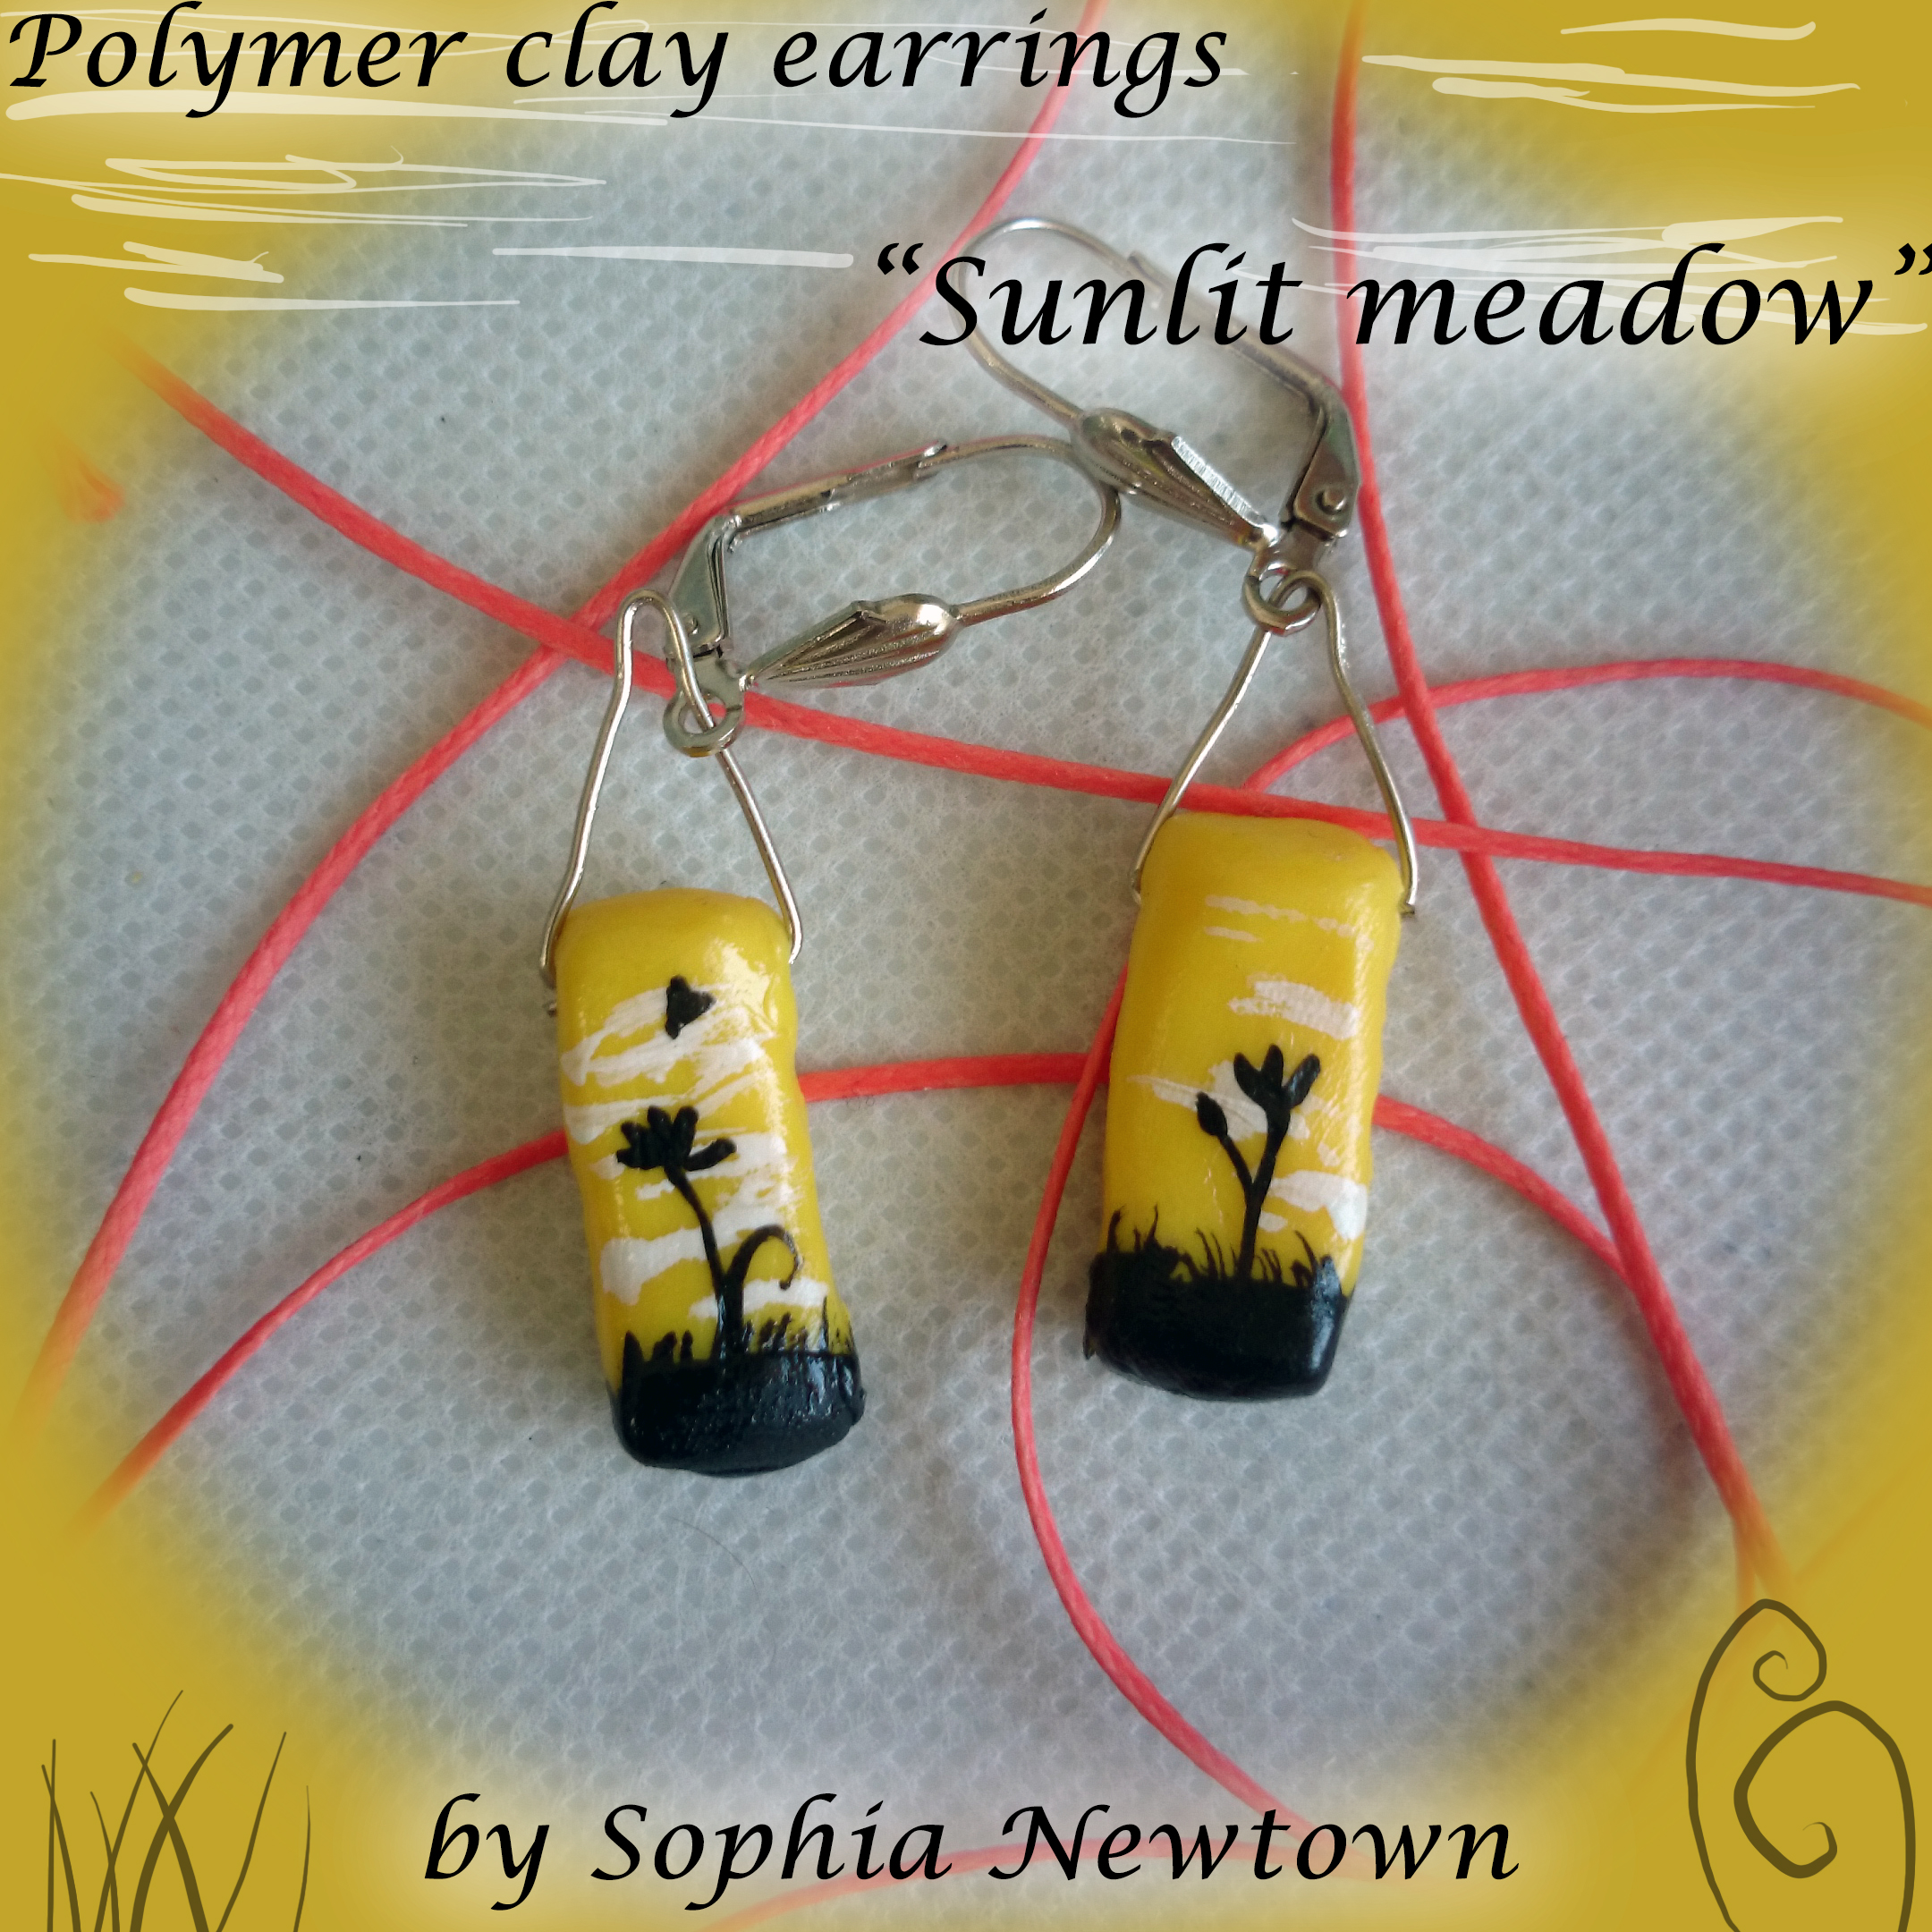 Sunlit meadow earrings